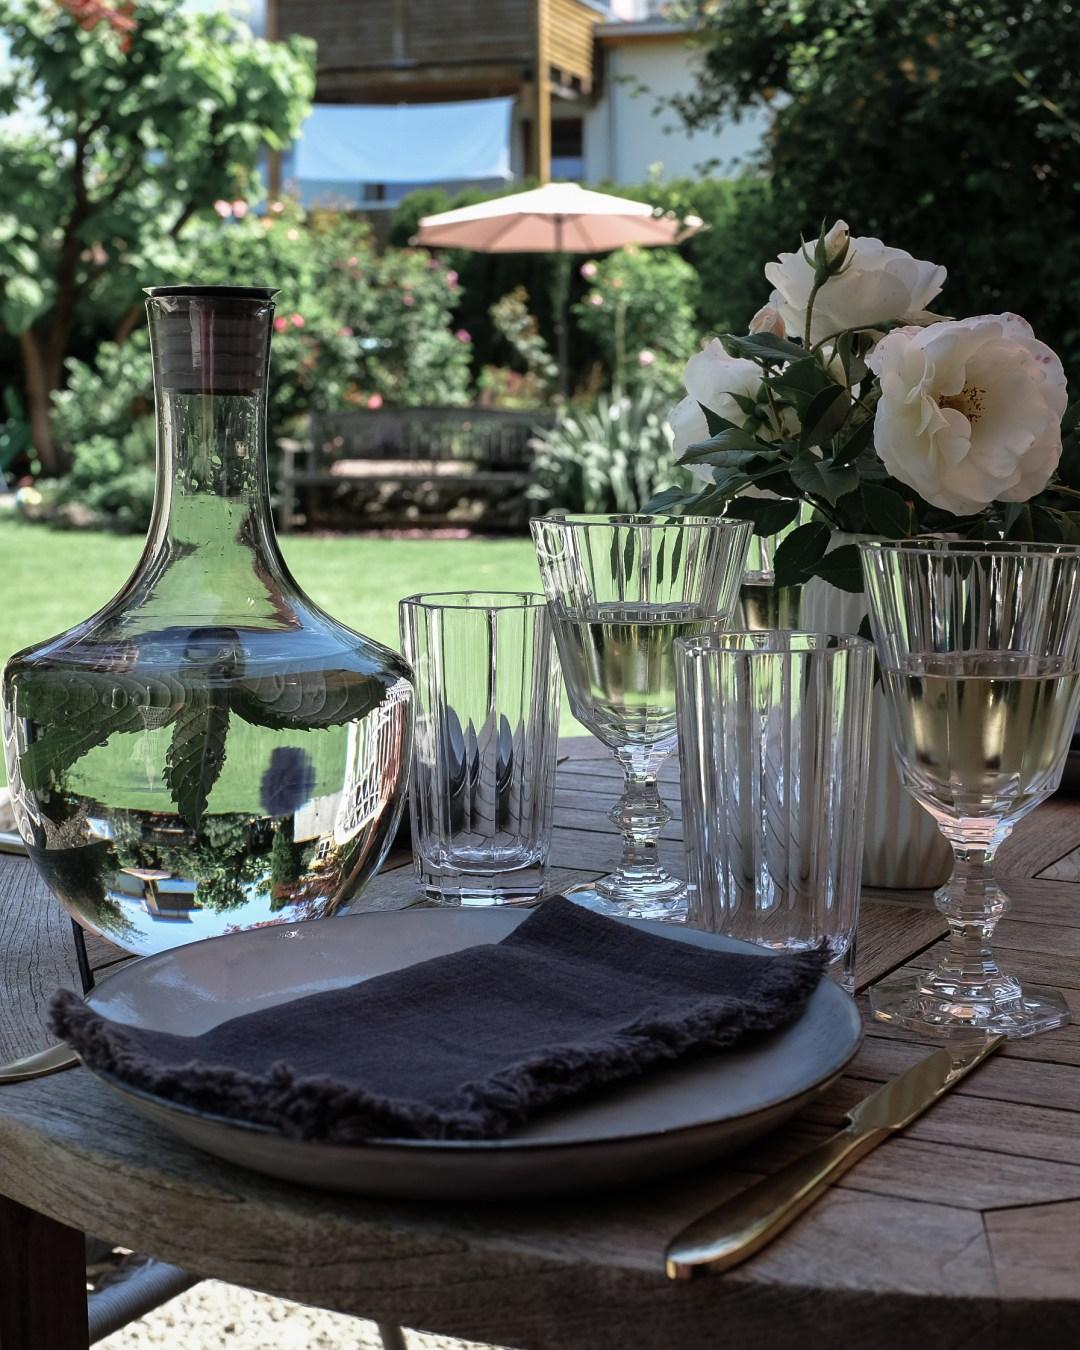 inastil, Ü50Blogger, mein schöner Garten, Sommergarten, Grillen, bestes Grillhähnchen, Sommertisch, toskanisches Platthuhn Rezept, outdoorliving, Rosen, Gartenblicke-3